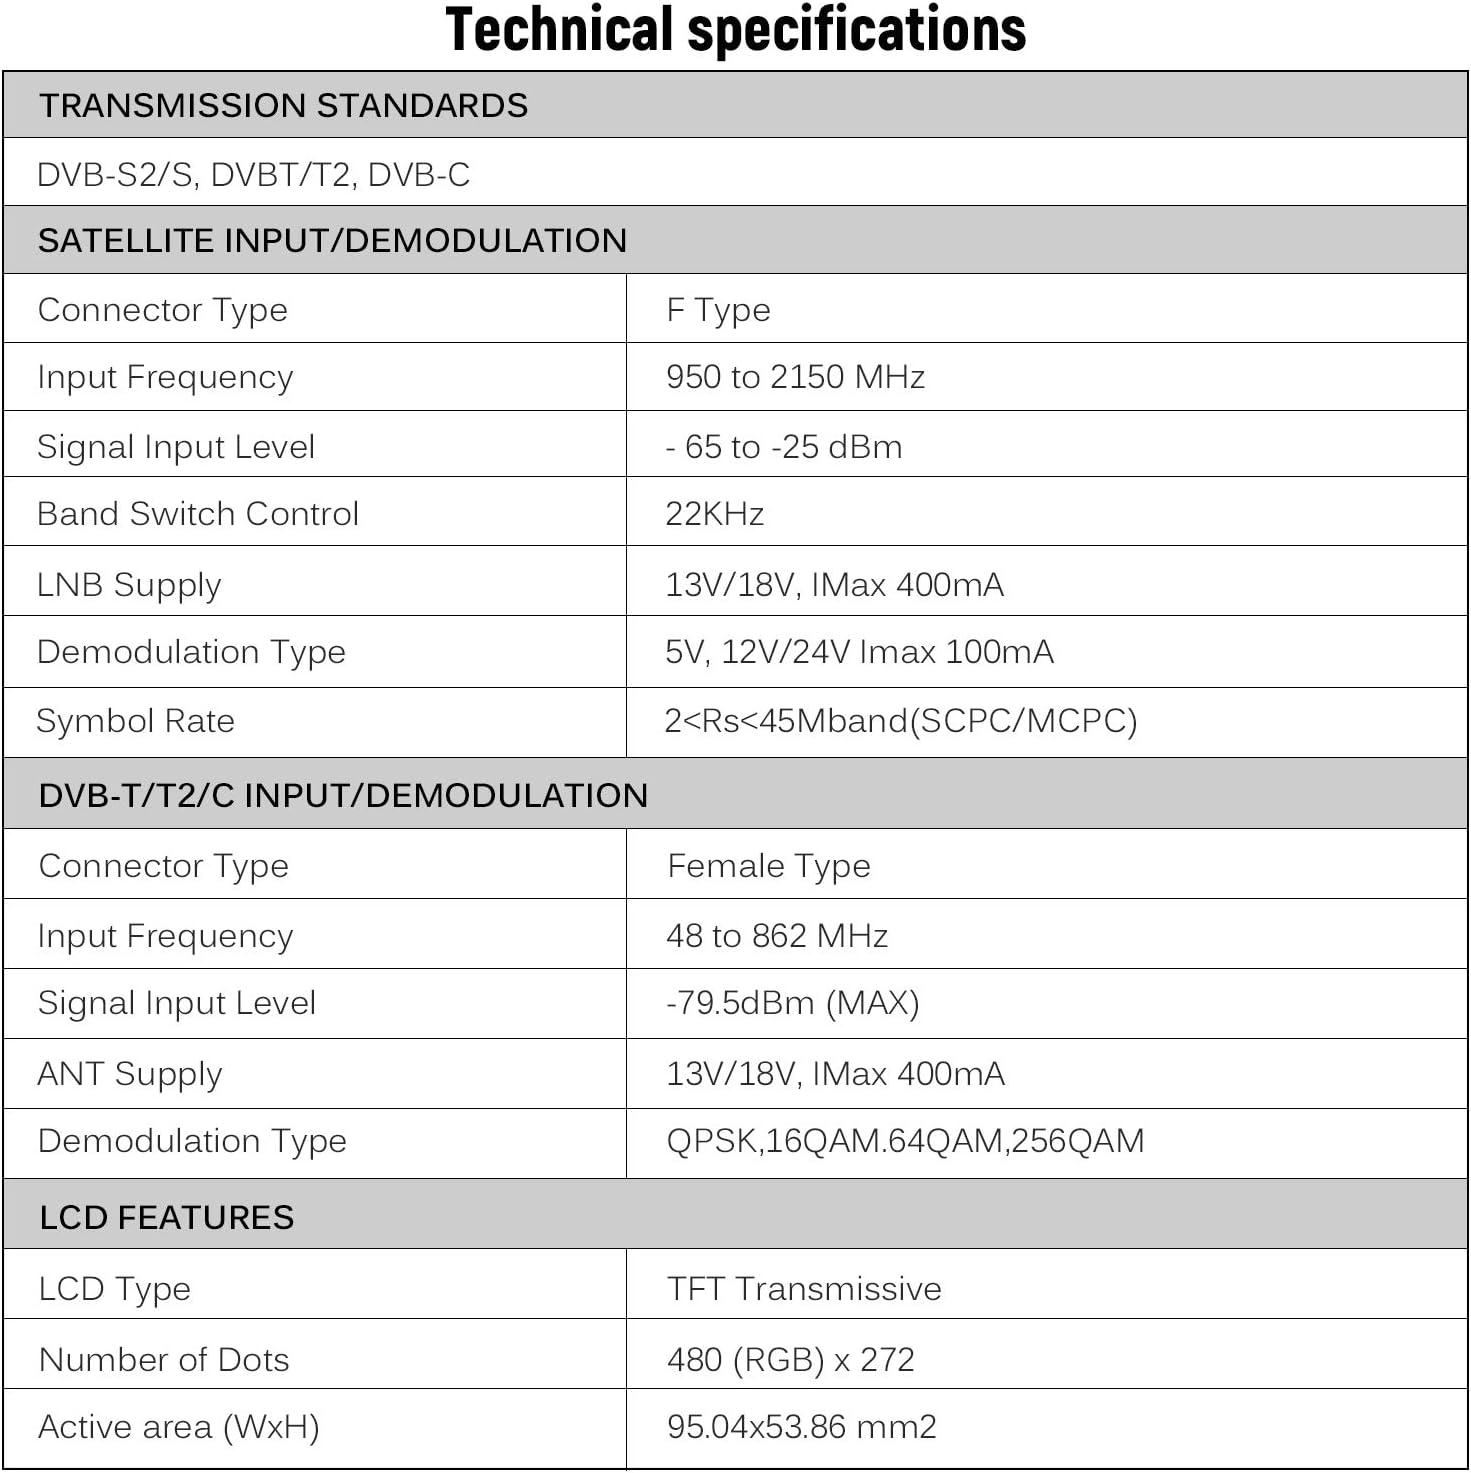 VISLONE ST-5150 DVB-S2 / T2 / C COMBO HD Buscador de señal de TV por satélite Medidor de señal de mano digital Buscador de satélite H.265 HEVC MPEG-4 ...